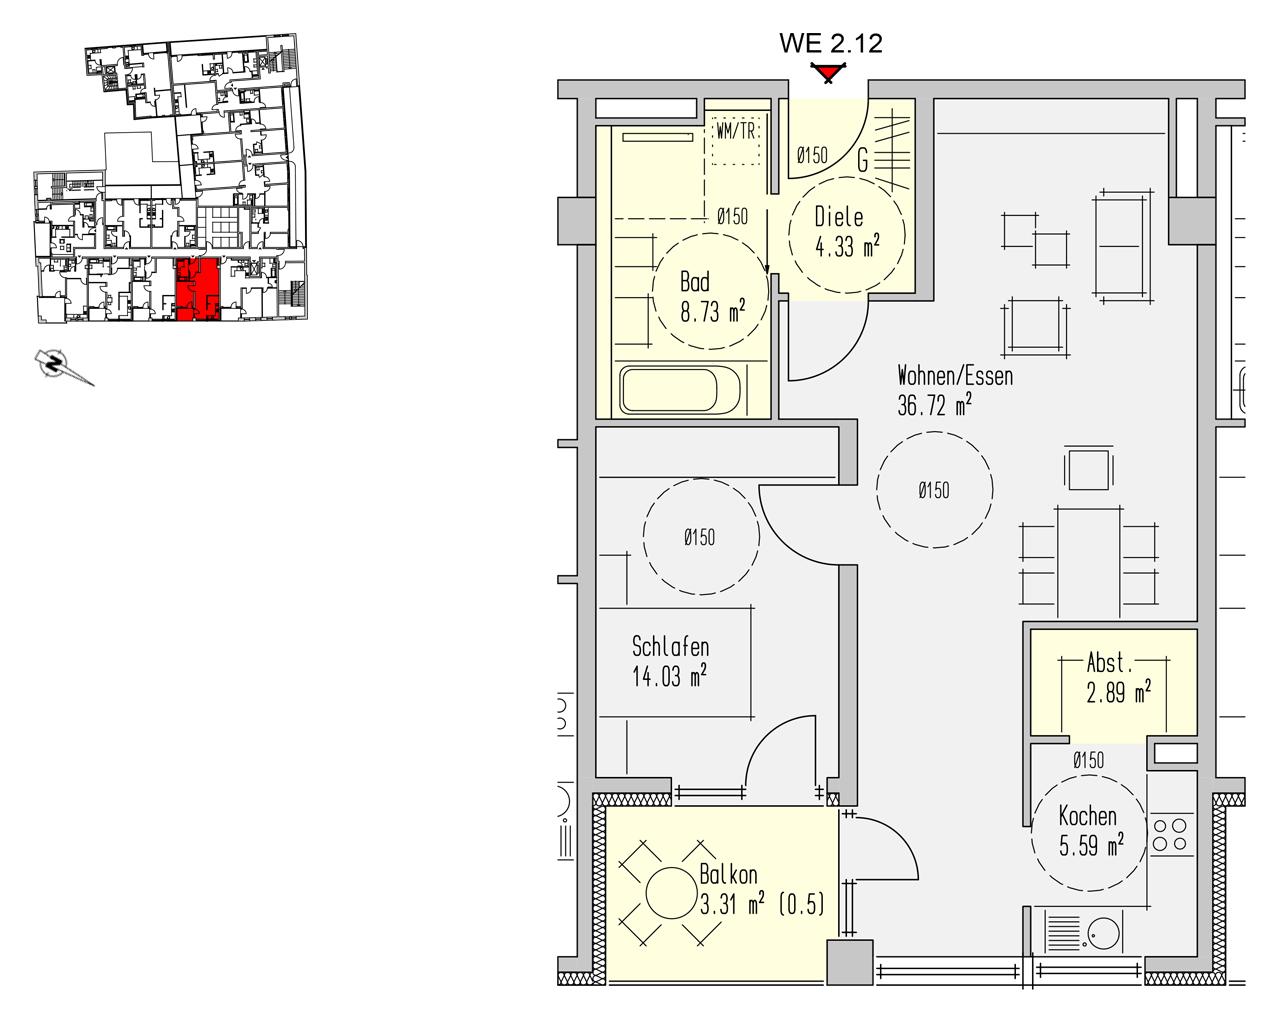 Nr. 2.12 - 2.OG - 2 Zimmer - 75,59 m² - 215.400,00 €